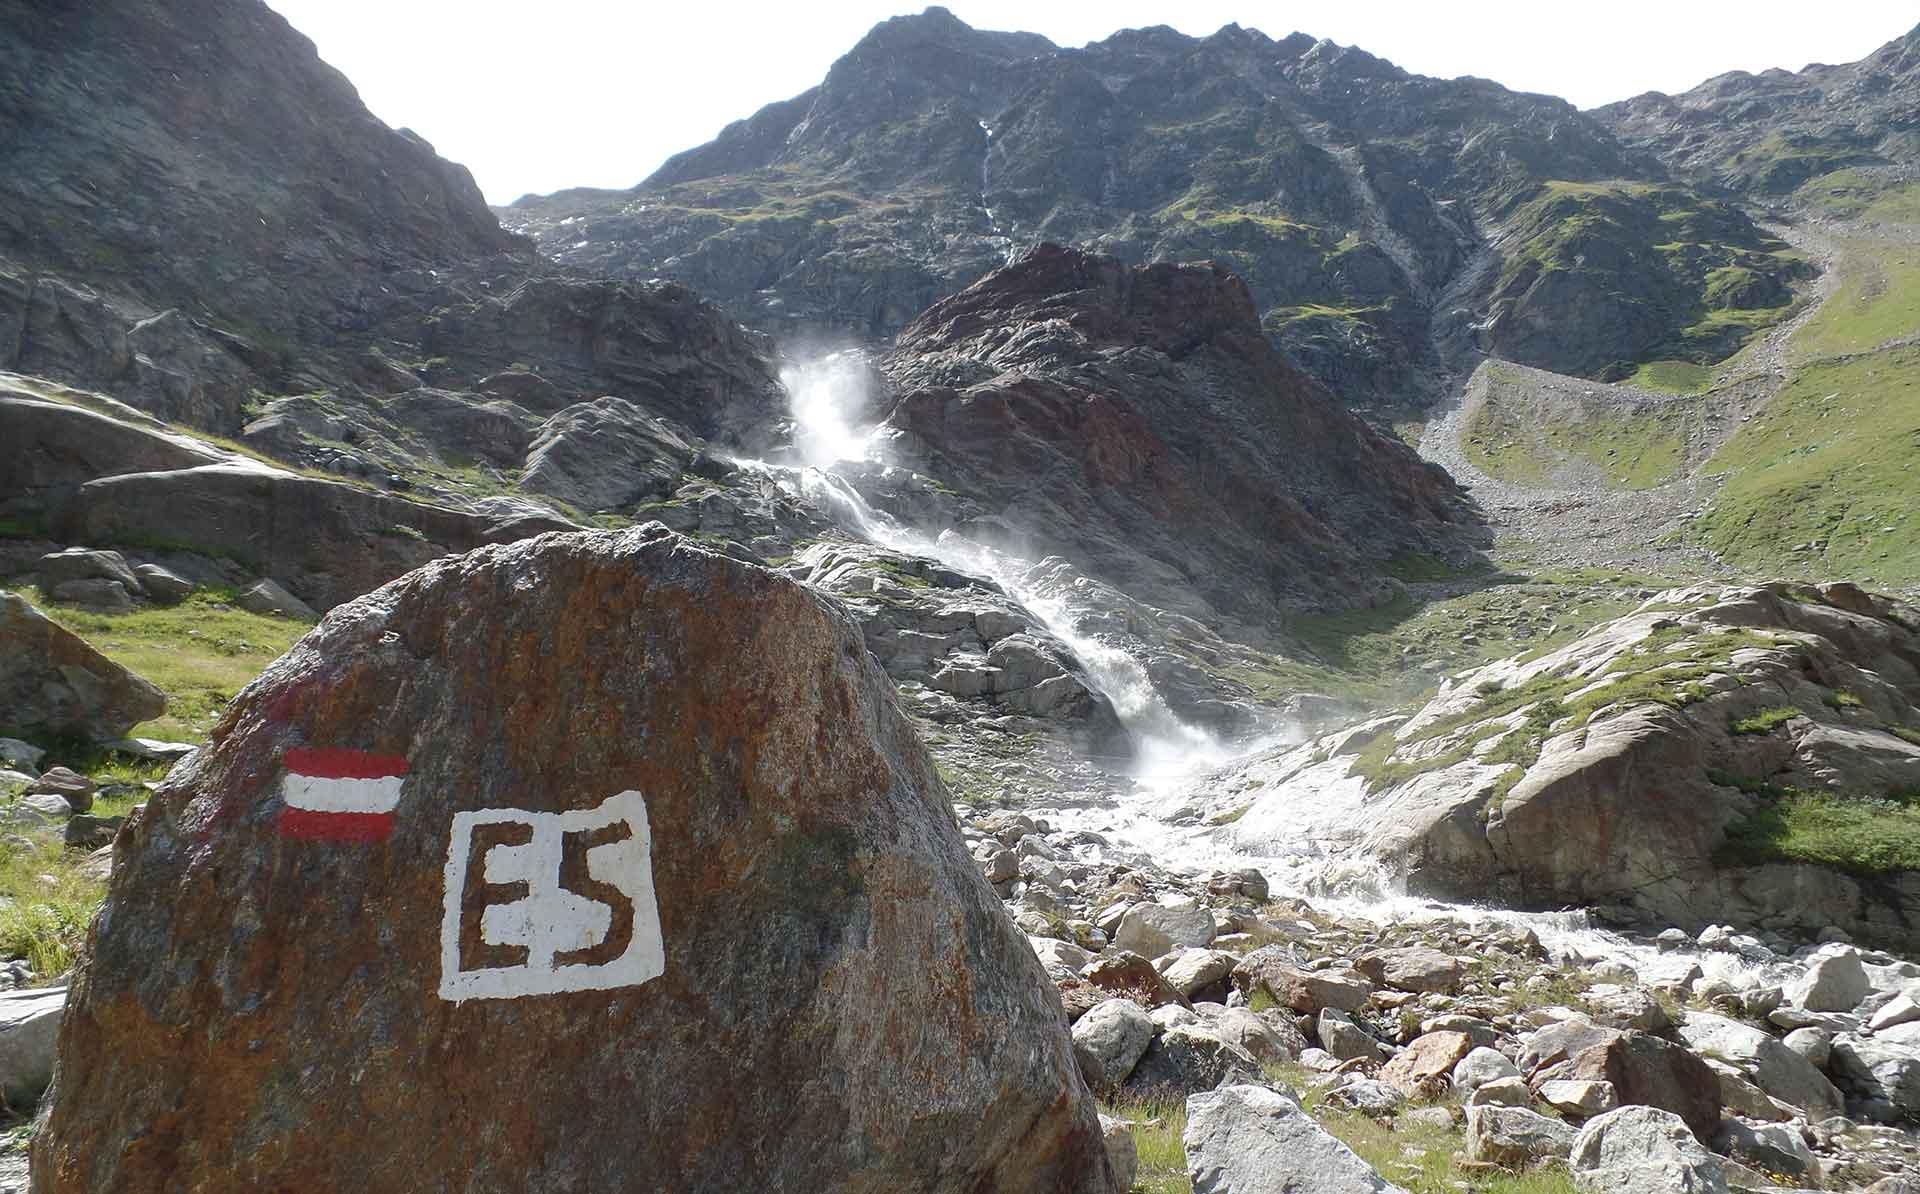 stein-E5-Piz-Tours